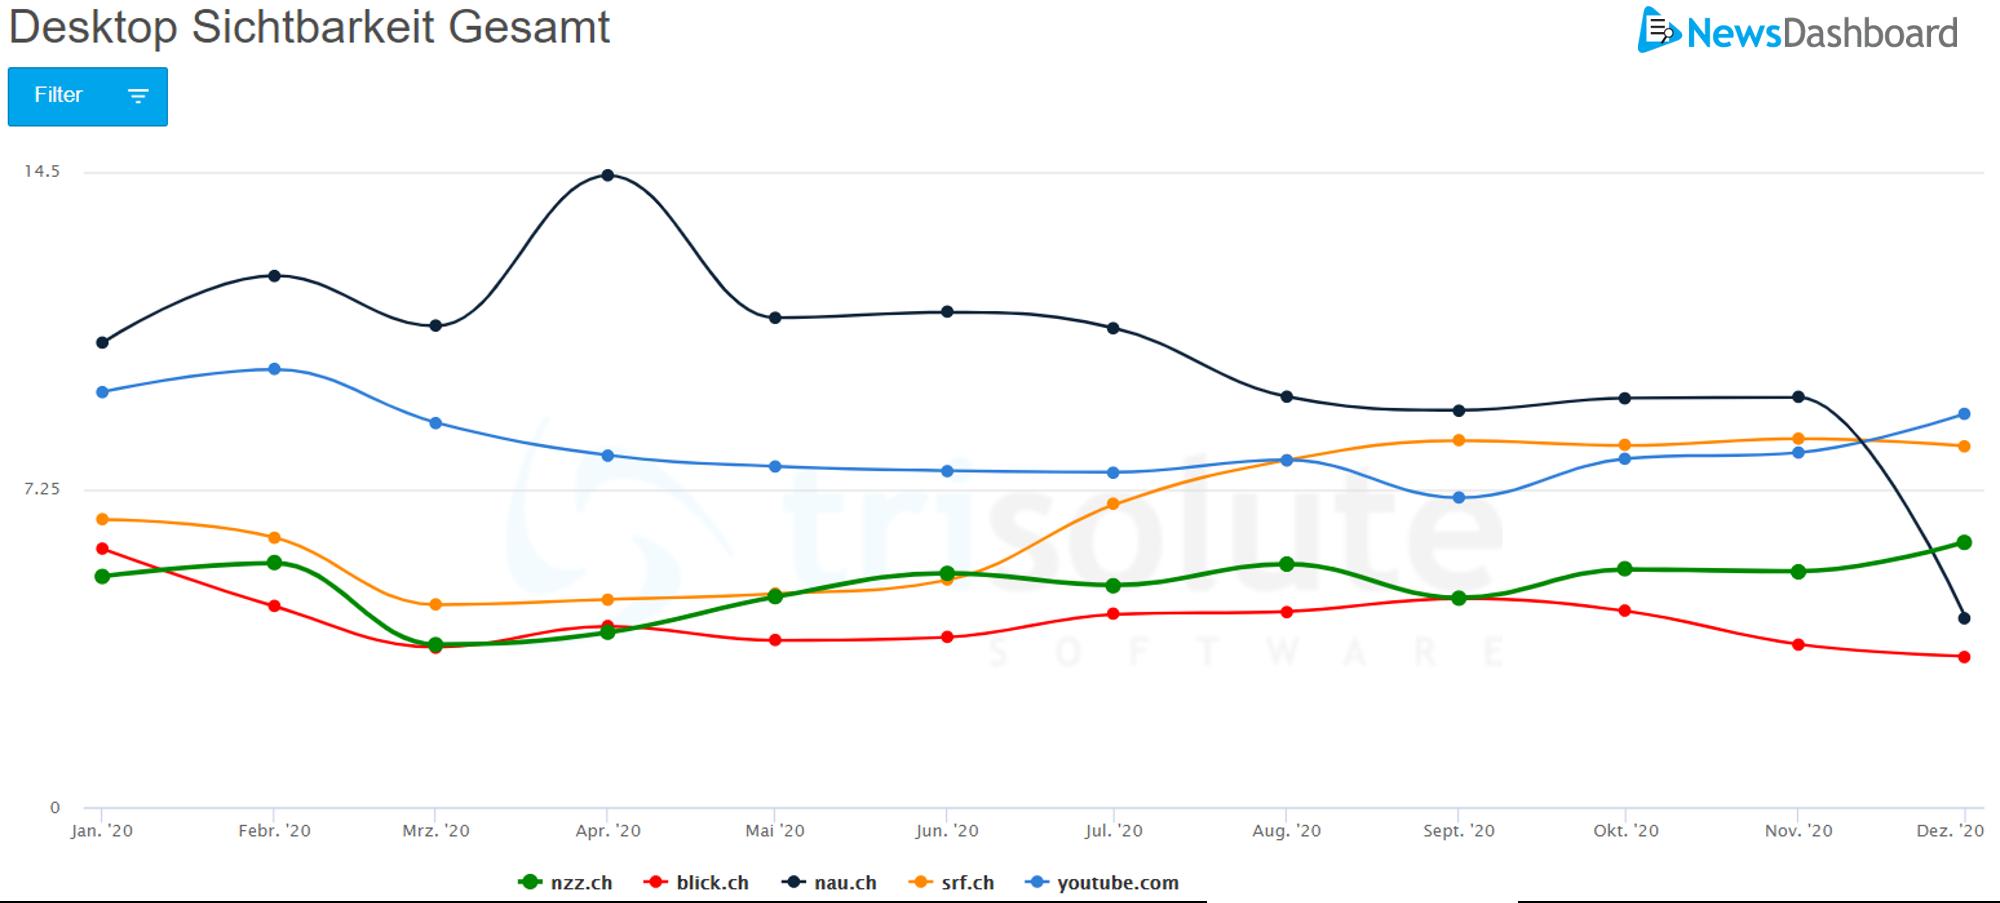 Die Sichtbarkeit konstant über das Jahr 2020 hinweg gesteigert hat srf.ch auf der Desktop SERP.